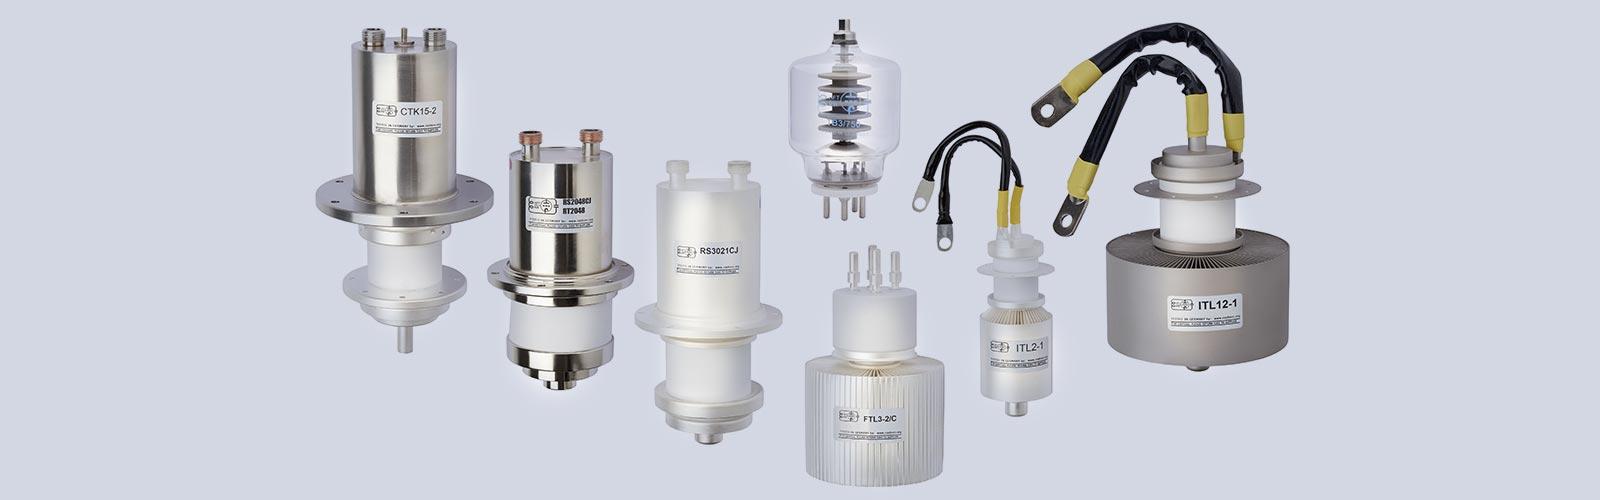 HF Technik Wenske GmbH – Oszillatorröhren für die Industrie